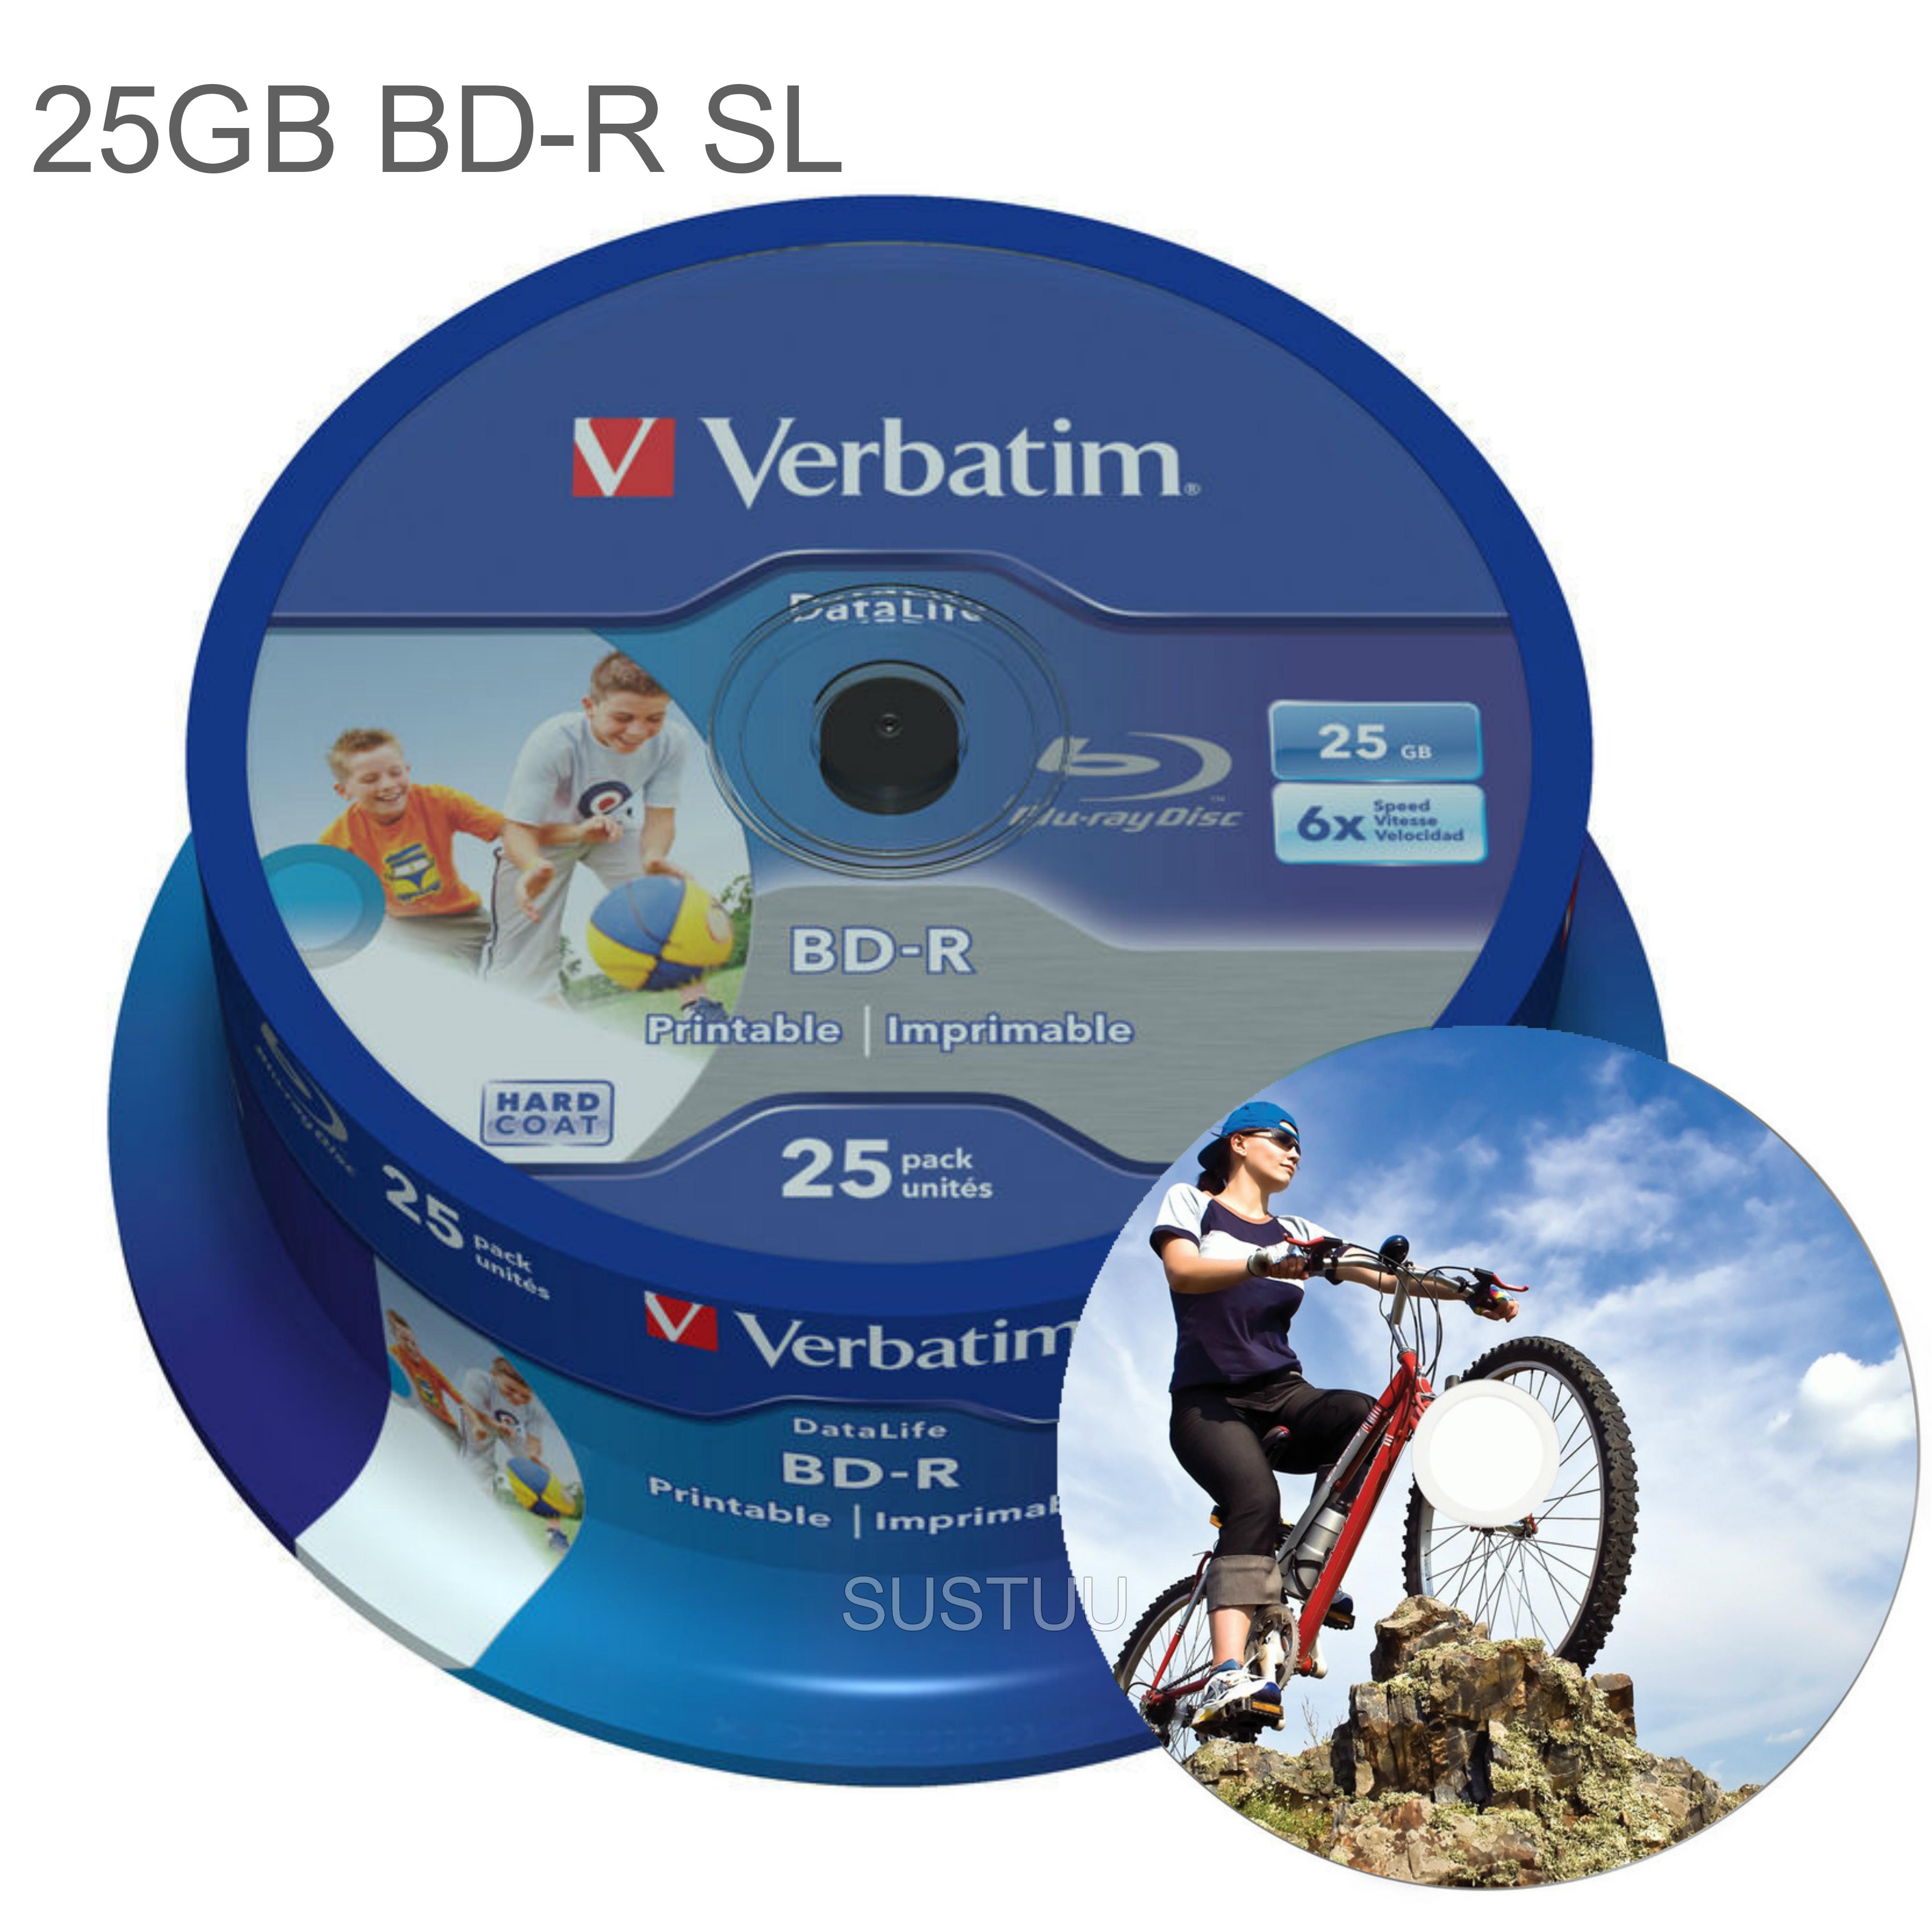 Verbatim 25GB 6x BD-R SL Wide Inkjet Printable Blu-ray Discs | 25 Pack Spindle | Pack of 2